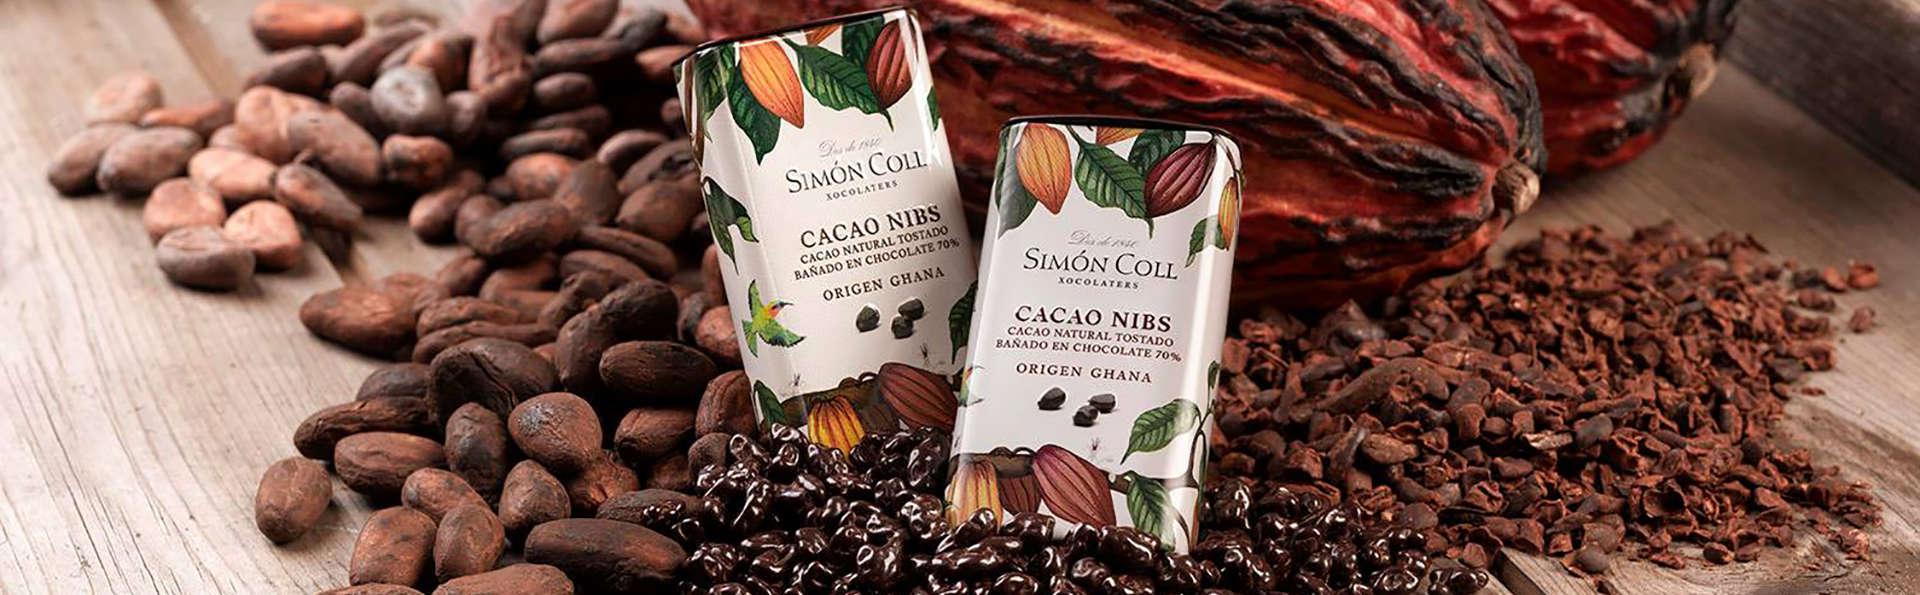 Découvrez les saveurs du chocolat et visitez l'usine Simón Coll à Sitges